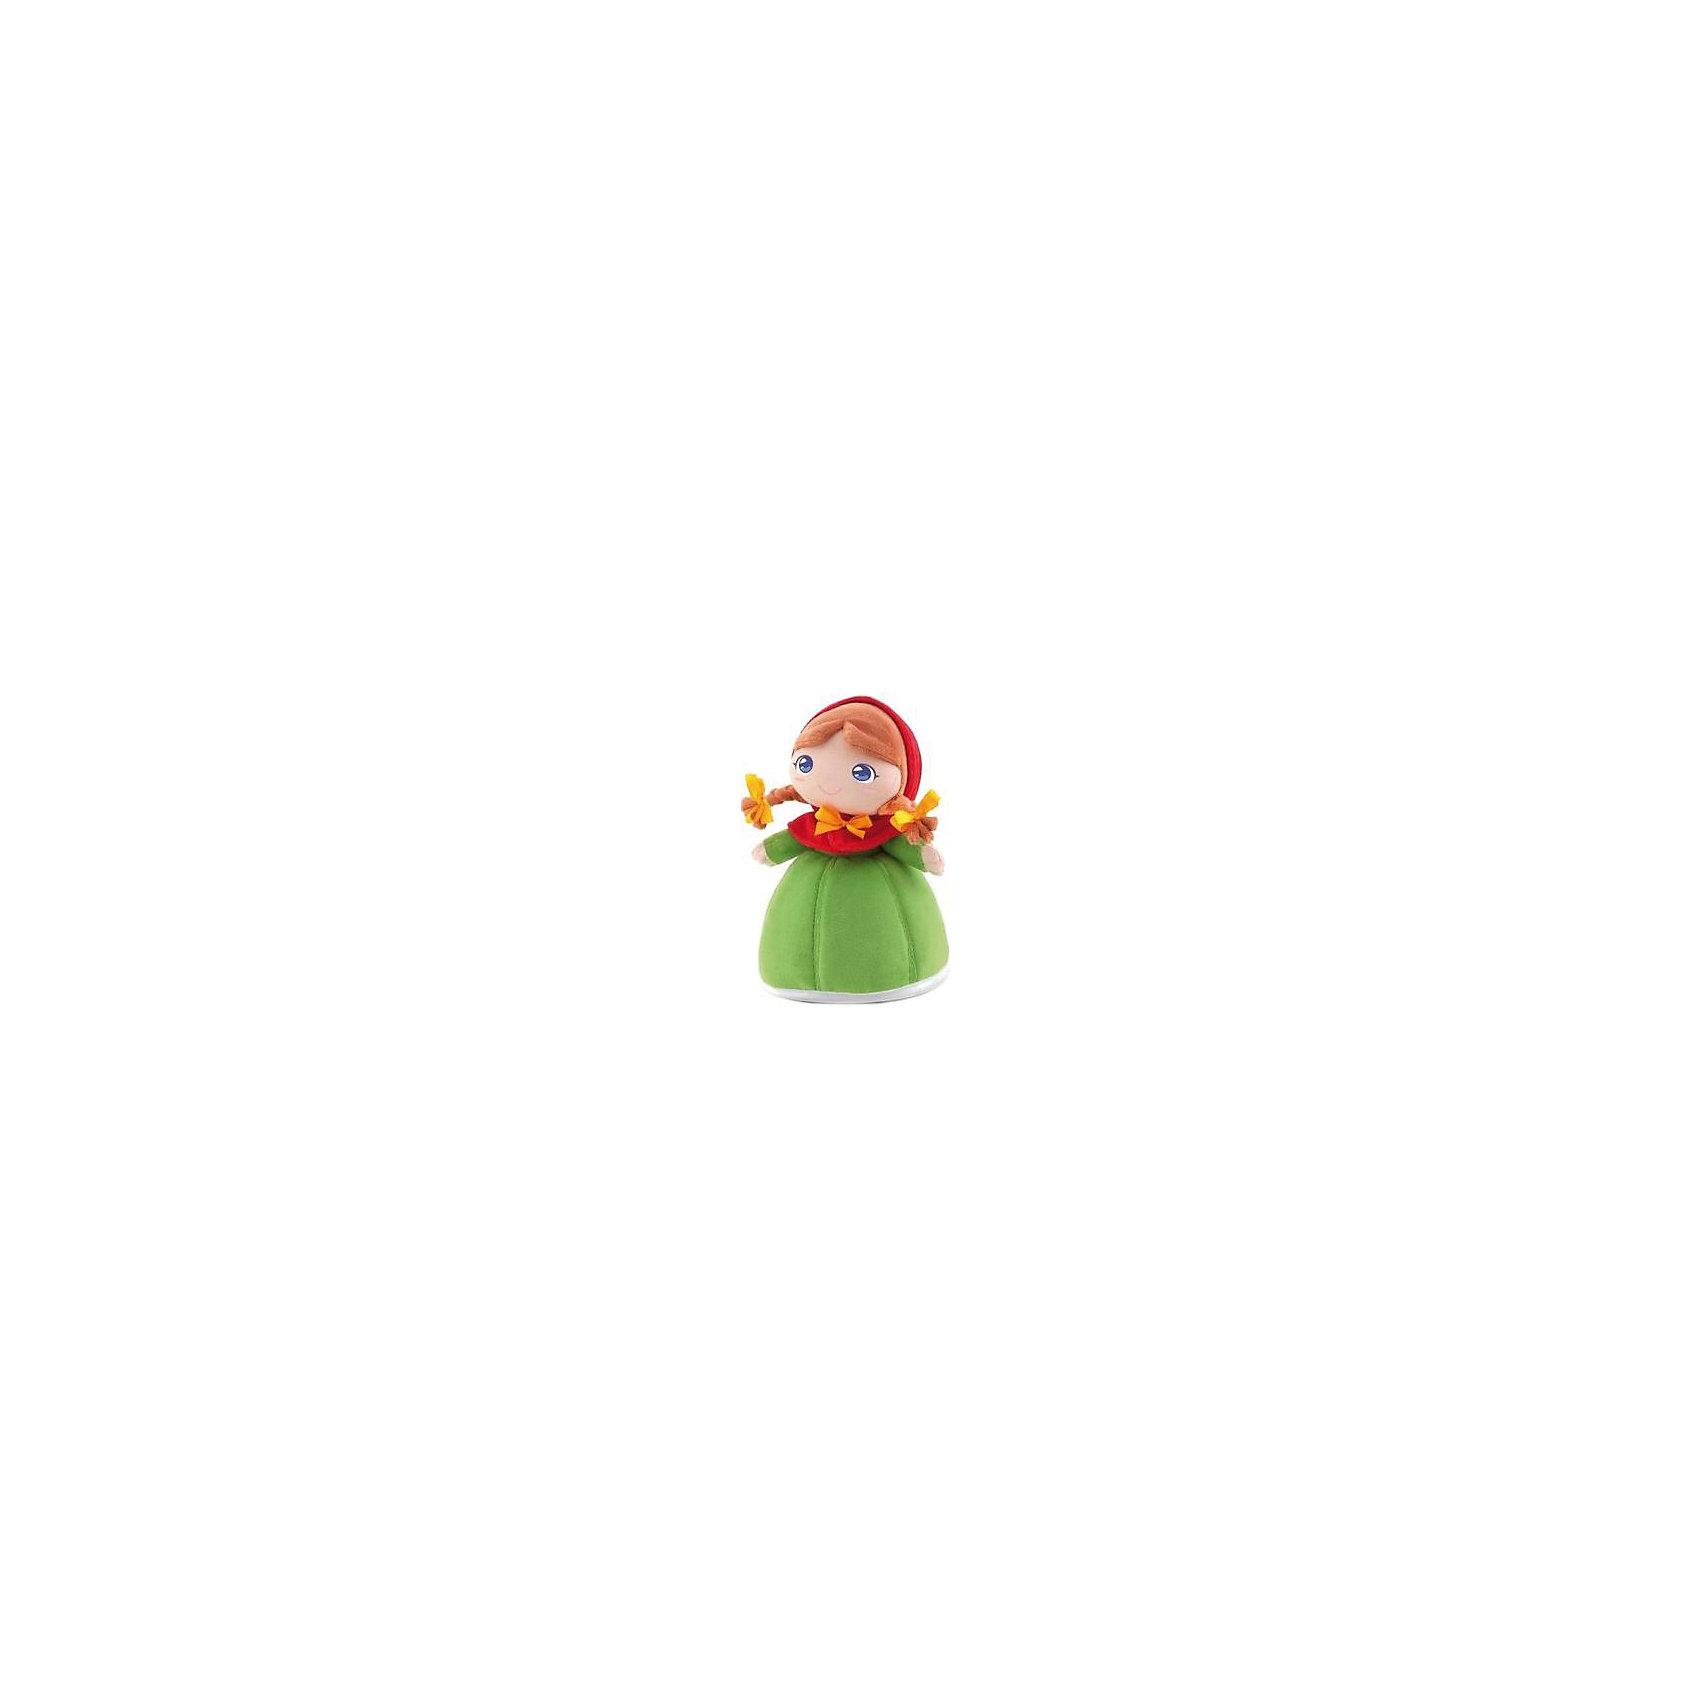 Мягкая кукла принцесса Розелла, 24 см, TrudiМягкие куклы<br>Характеристики товара:<br><br>• возраст с рождения;<br>• материал: плюш, текстиль, синтепон;<br>• высота игрушки 24 см;<br>• размер упаковки 26х19х12 см;<br>• вес упаковки 120 гр.;<br>• страна производитель Китай.<br><br>Мягкая кукла принцесса Розелла Trudi — улыбающаяся принцесса с большими голубыми глазками и двумя косичками с бантиками. Розелла одета в зеленое платье с красным капюшоном. В процессе игры девочка может придумывать с куколкой свои невероятные сюжеты и истории. Игрушка способствует развитию тактильных ощущений, воображения и фантазии. Кукла изготовлена из качественного материала, который не вызывает у детей аллергических реакций. Игрушку можно стирать в стиральной машине, она не выгорает и сохраняет форму.<br><br>Мягкую куклу принцесса Розелла Trudi можно приобрести в нашем интернет-магазине.<br><br>Ширина мм: 260<br>Глубина мм: 190<br>Высота мм: 120<br>Вес г: 120<br>Возраст от месяцев: -2147483648<br>Возраст до месяцев: 2147483647<br>Пол: Женский<br>Возраст: Детский<br>SKU: 5578413